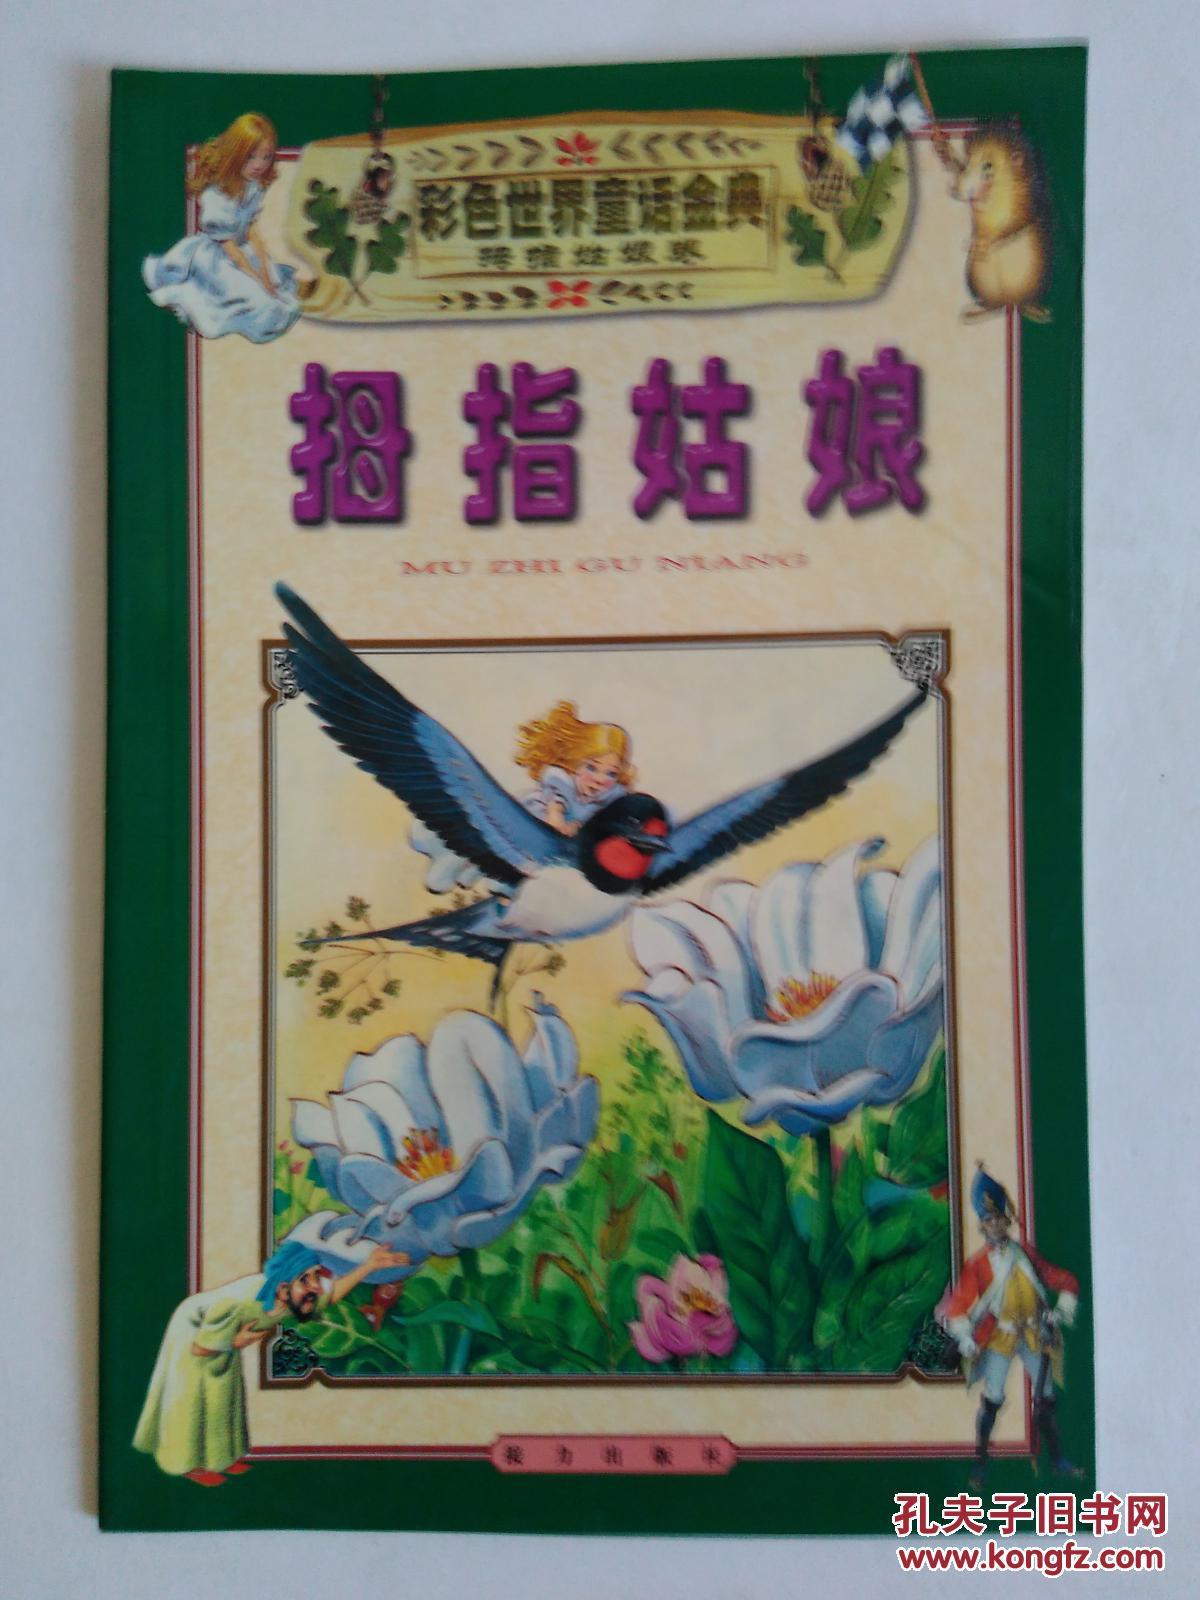 彩色世界童话金典.拇指姑娘卷:《龟兔赛跑》,《打火匣图片